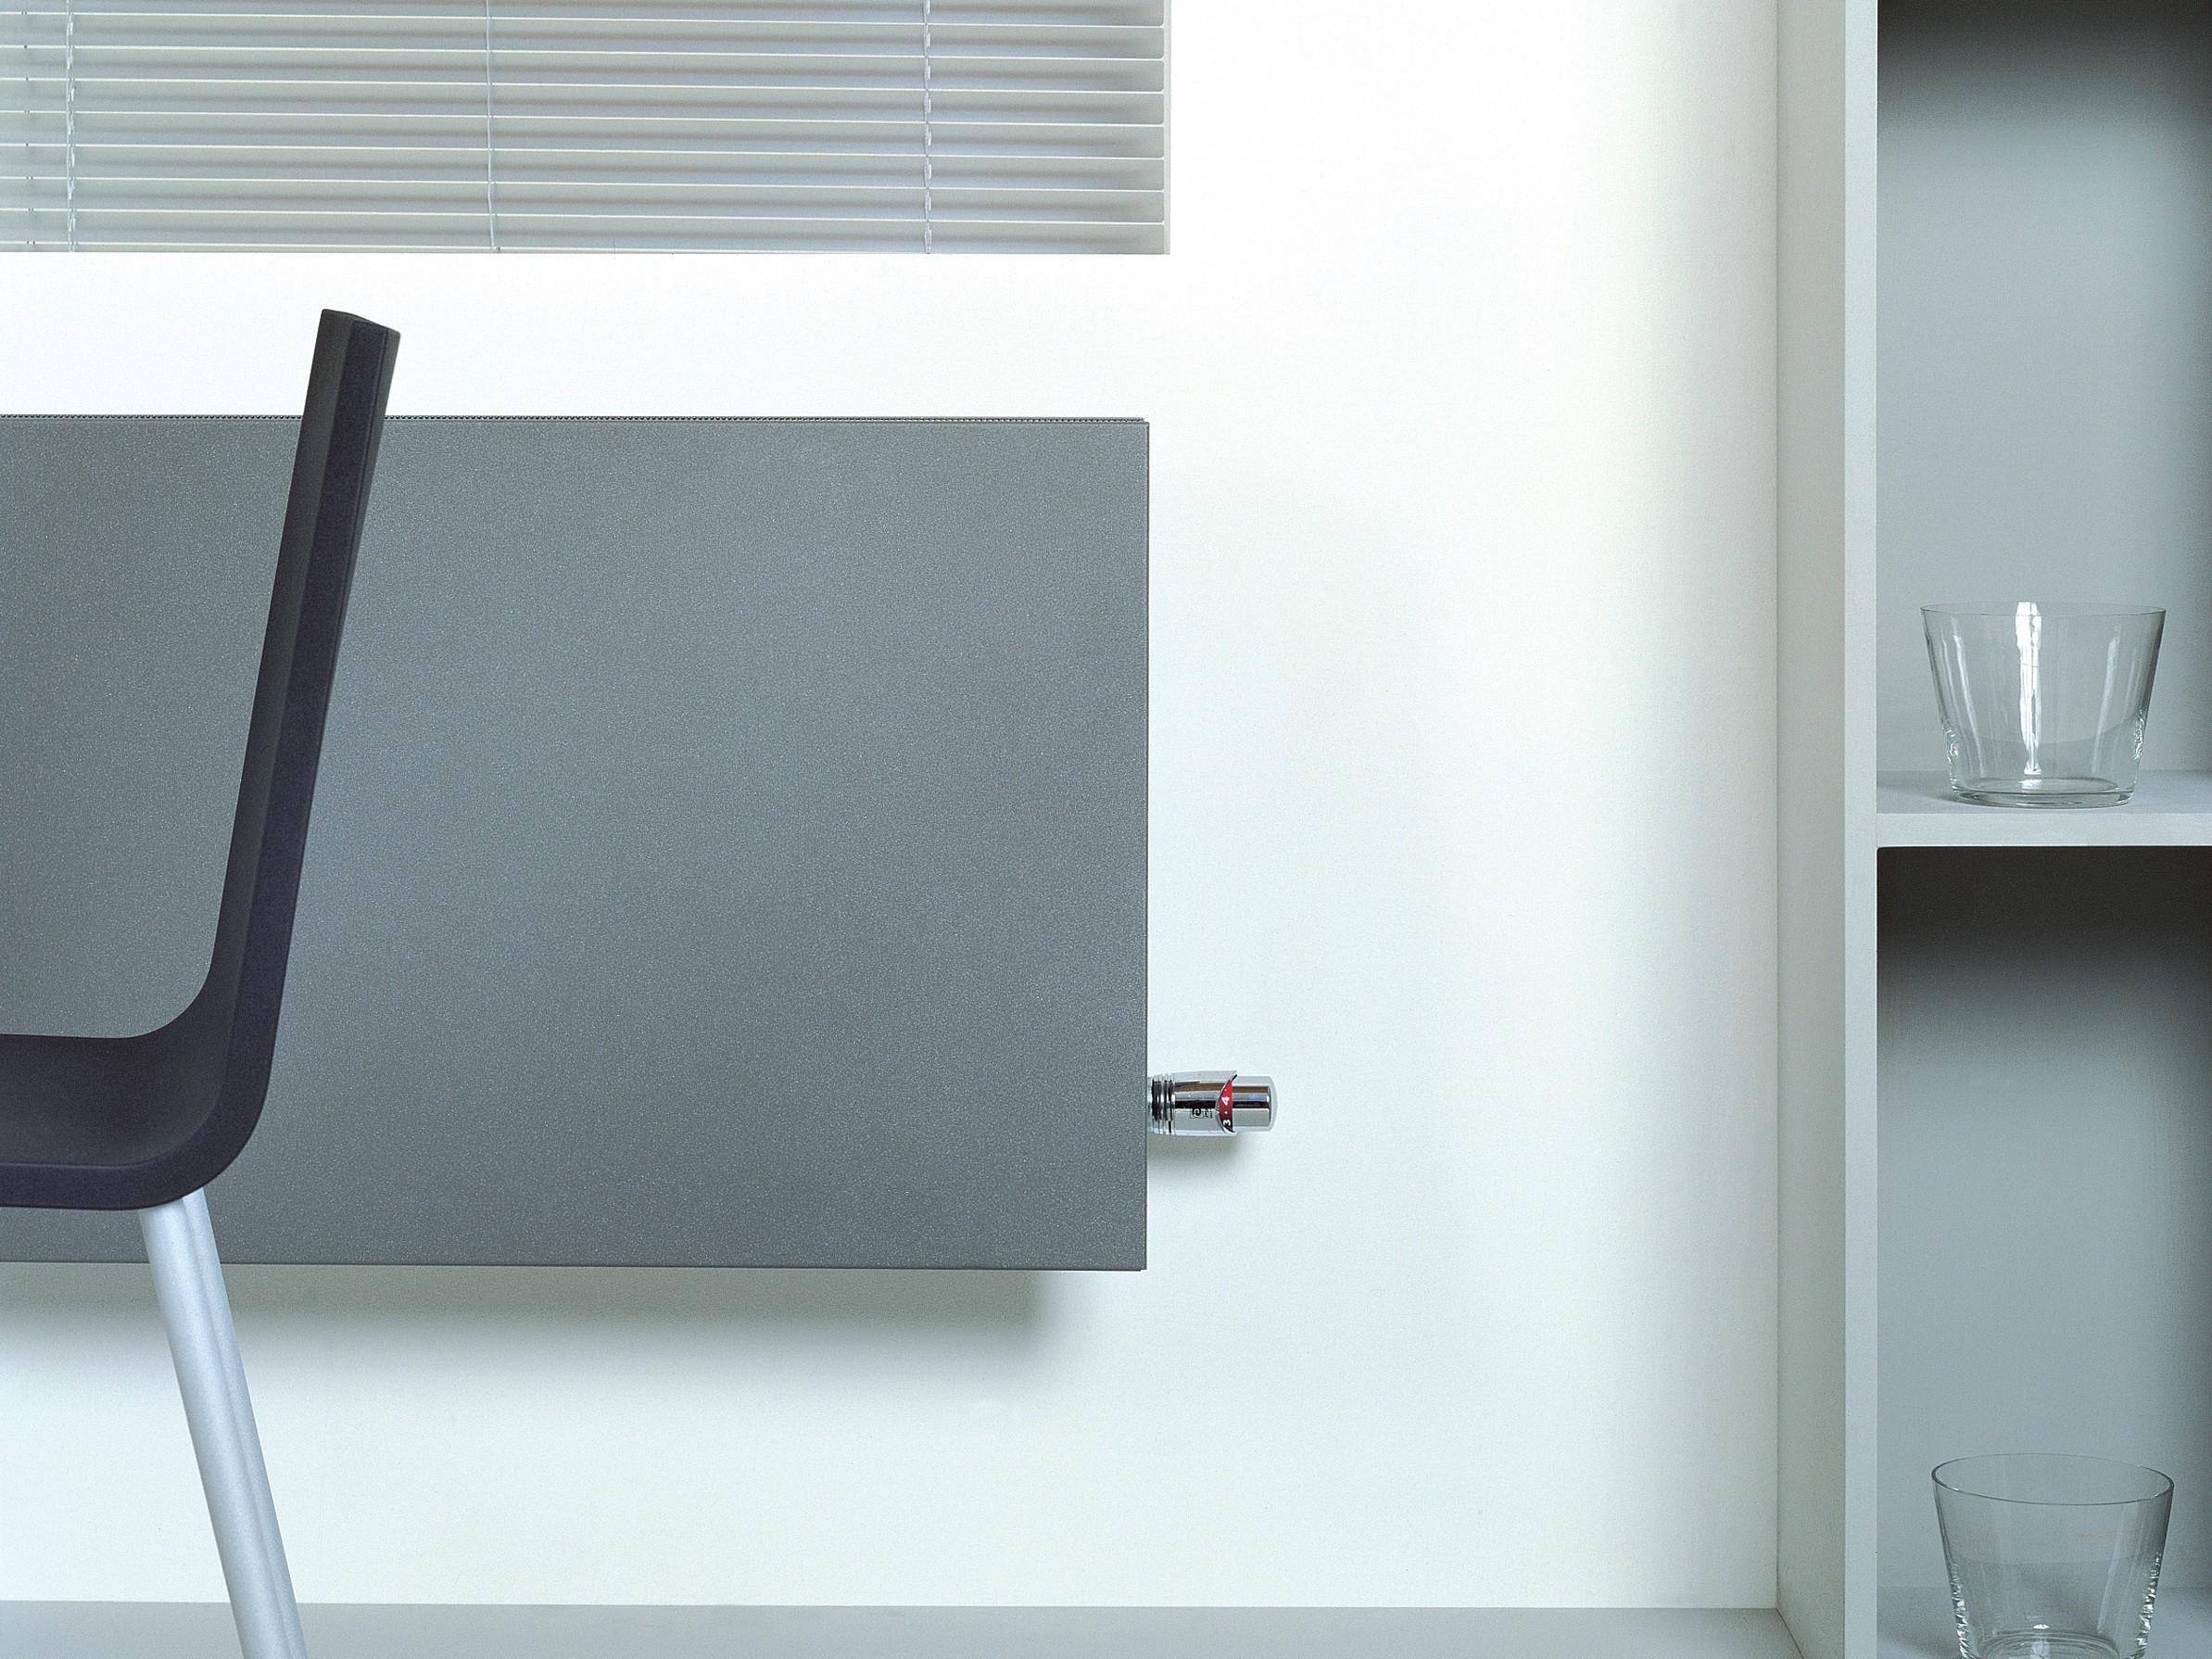 Heizkörper für Wohnzimmer Konvektor dekorativ Bauhöhe 500